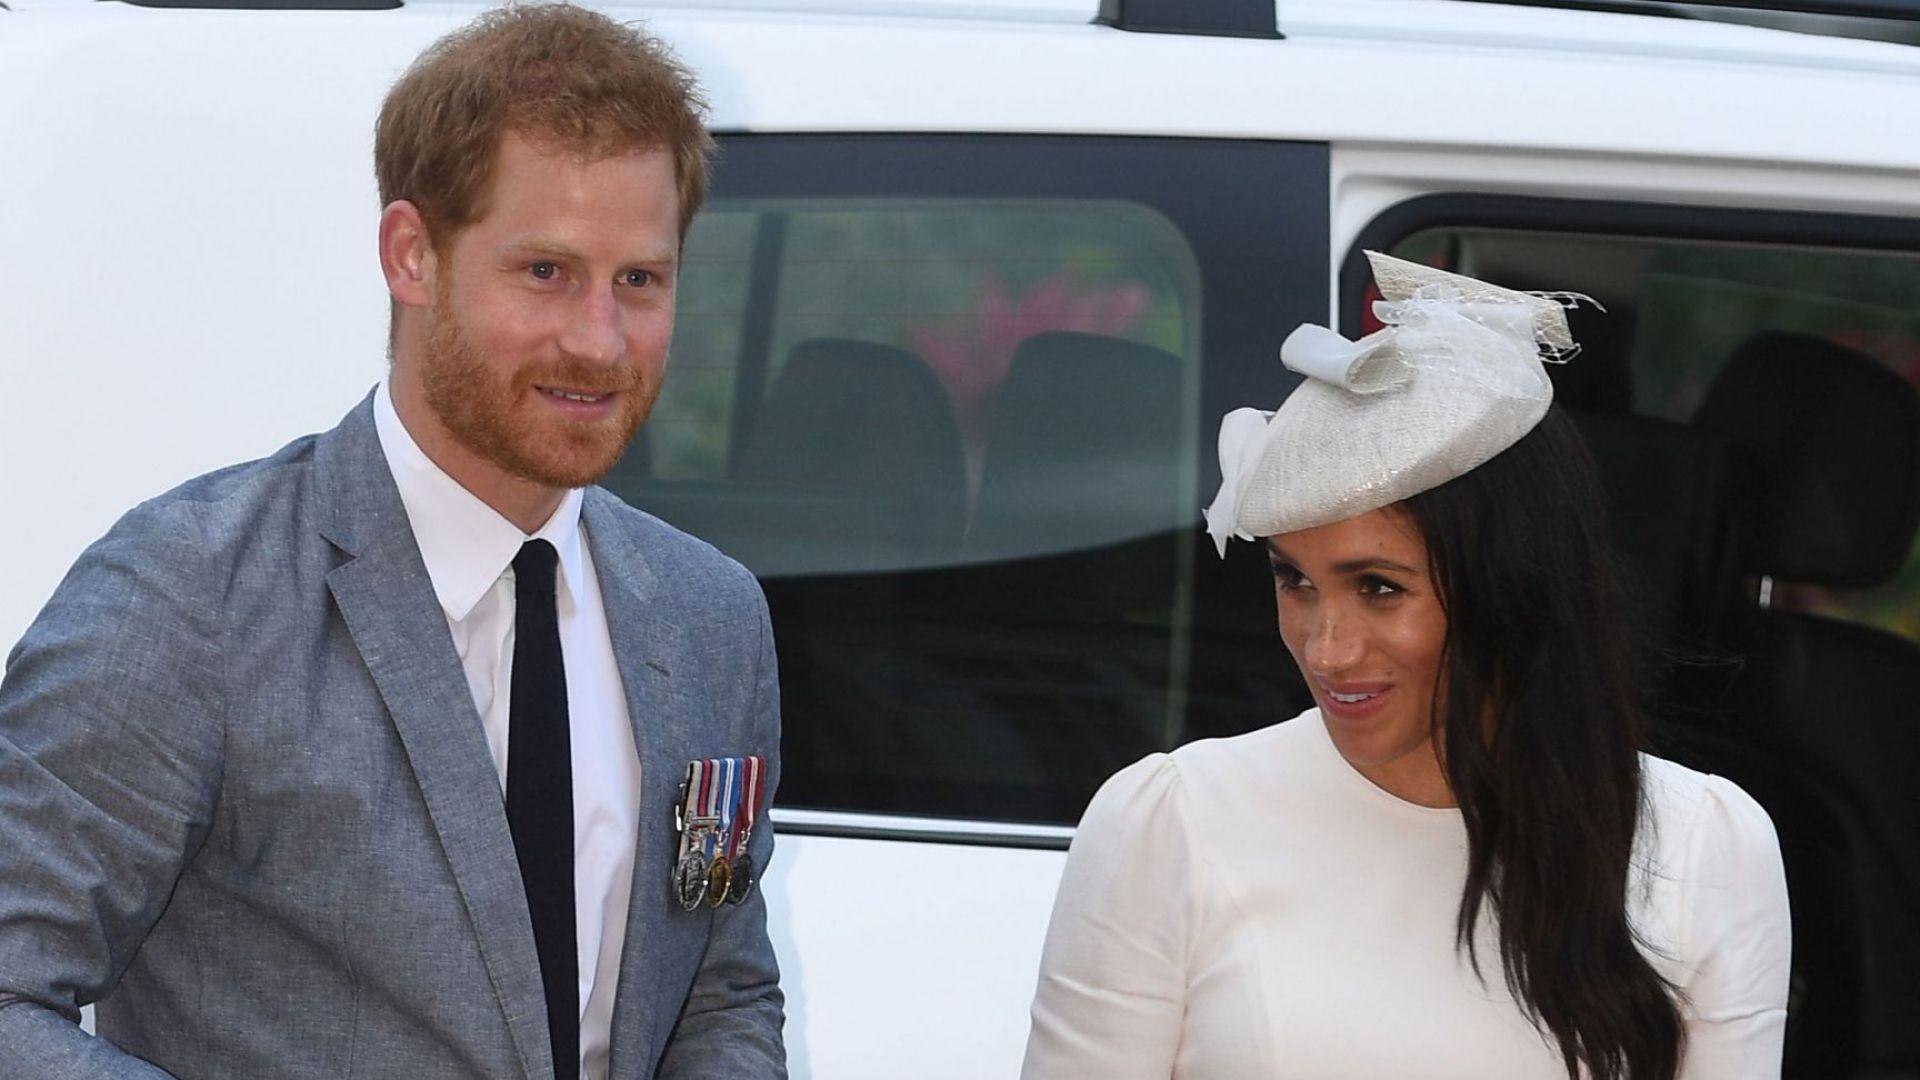 Полубратът на Меган предупреди принц Хари, че бракът им скоро може да приключи